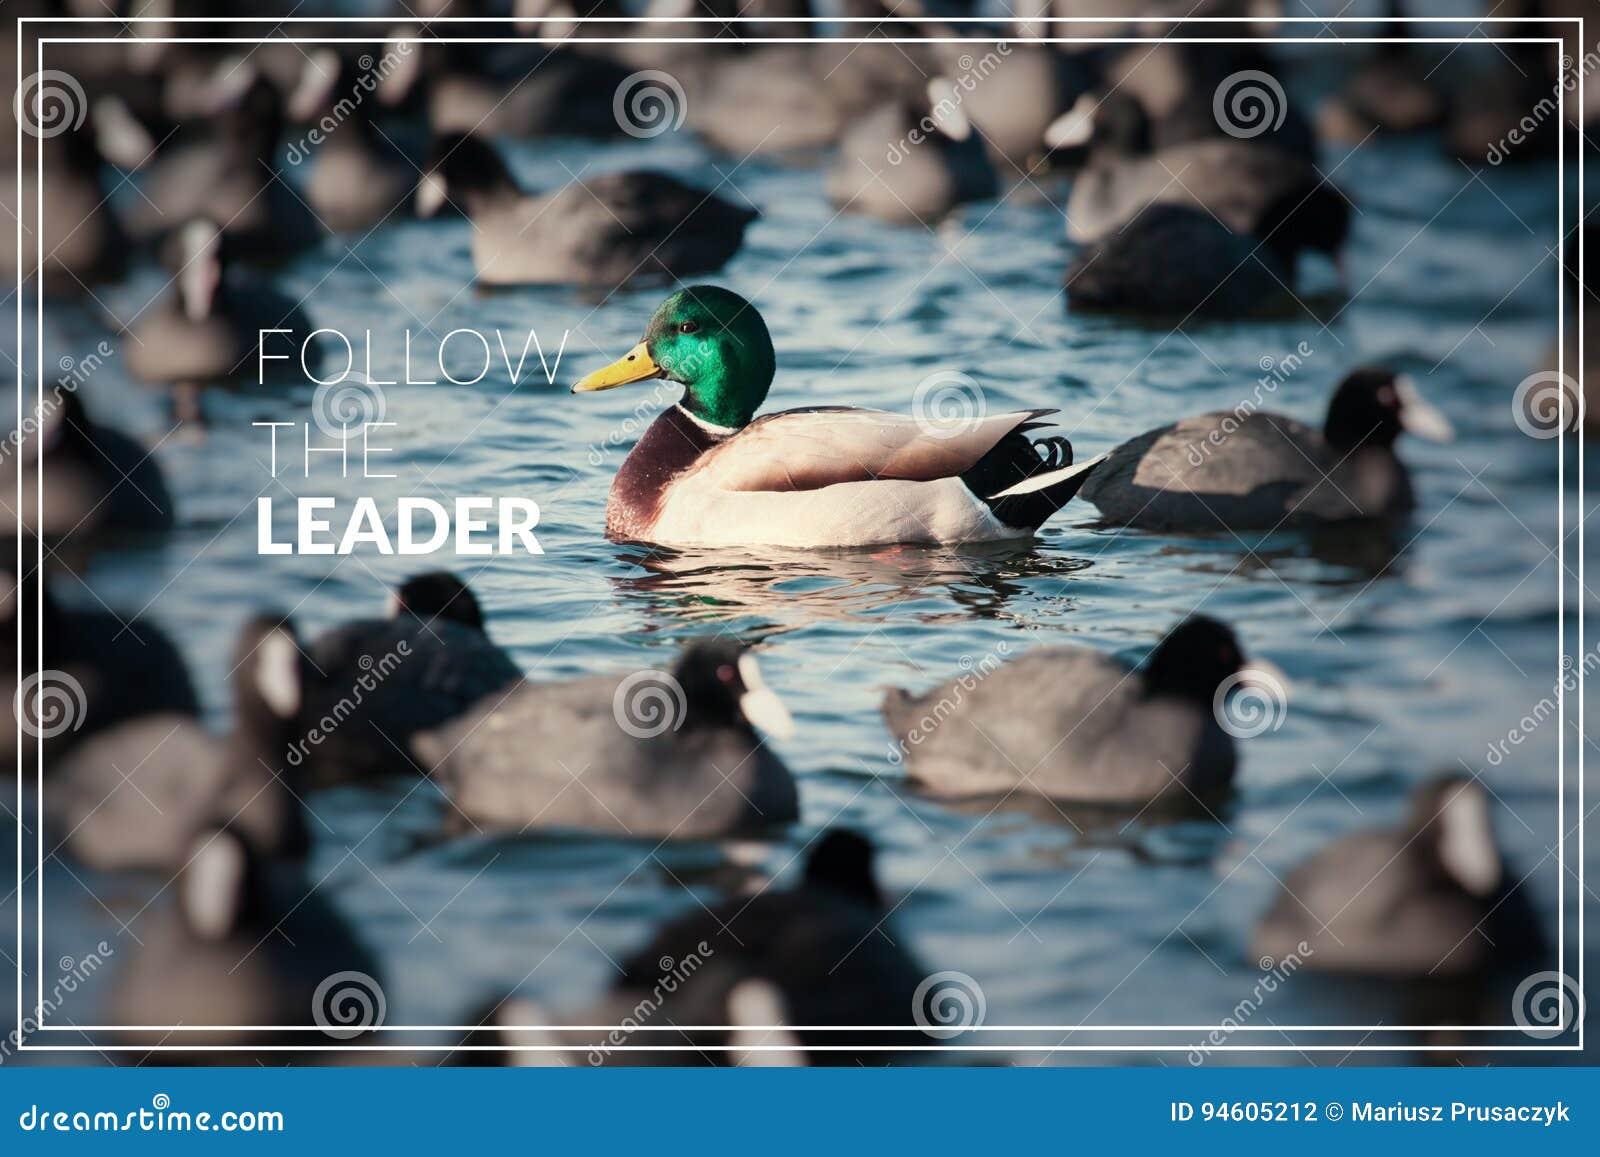 Ordet följer ledaren Löst gräsandandbad i sjön